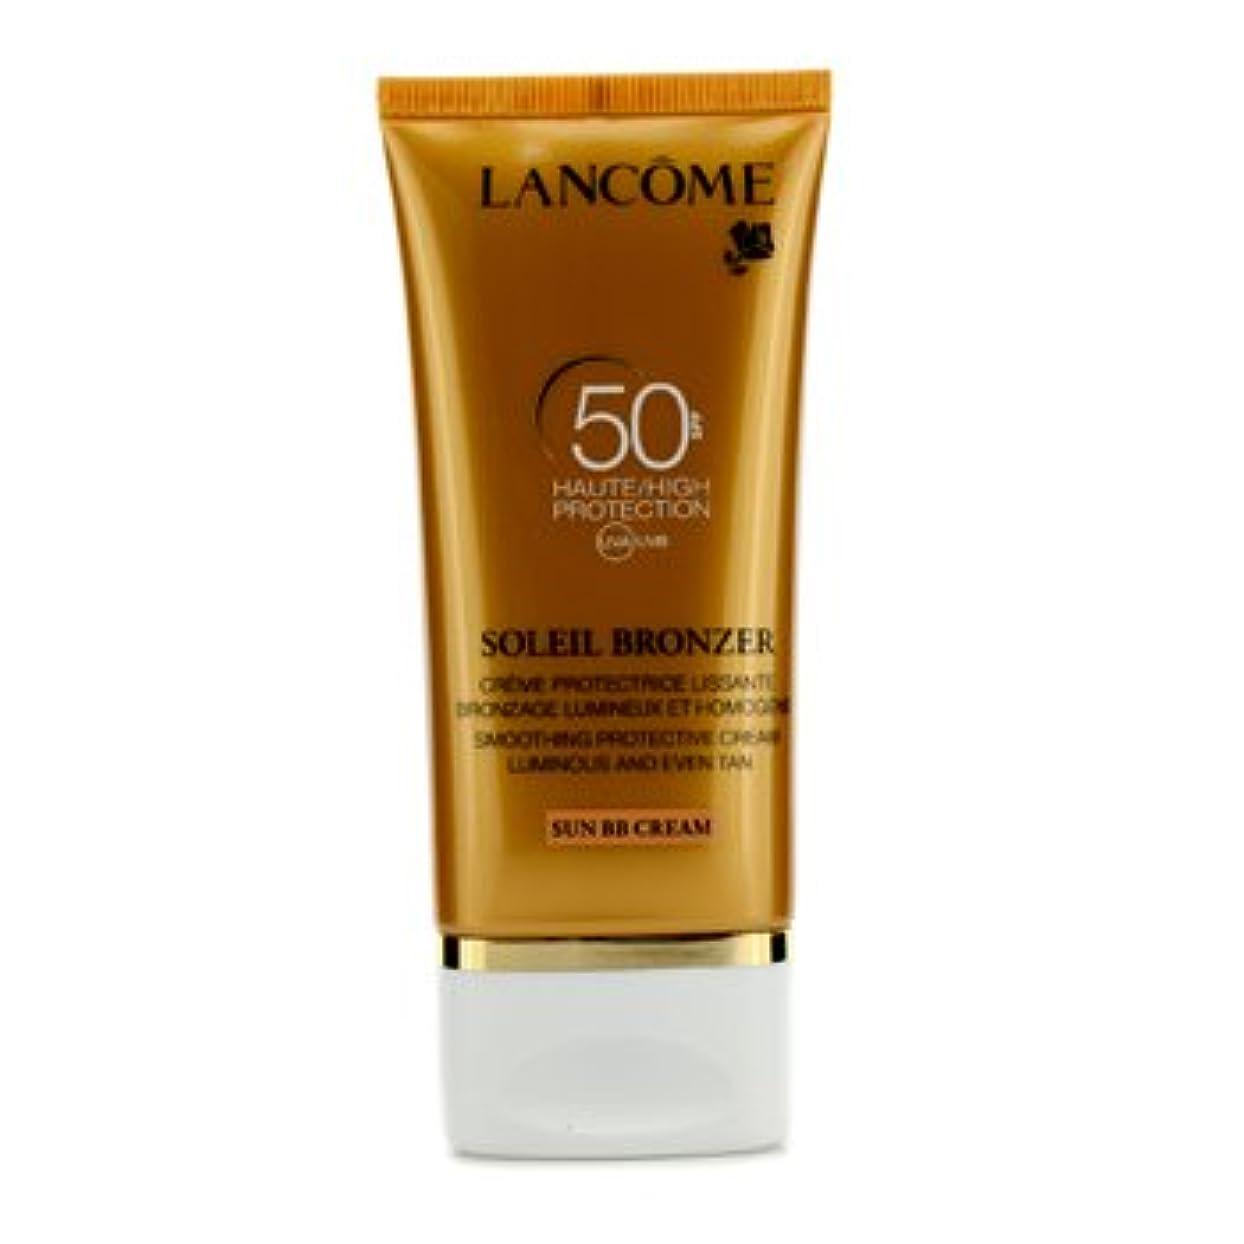 袋器具緩む[Lancome] Soleil Bronzer Smoothing Protective Cream (Sun BB Cream) SPF50 50ml/1.69oz